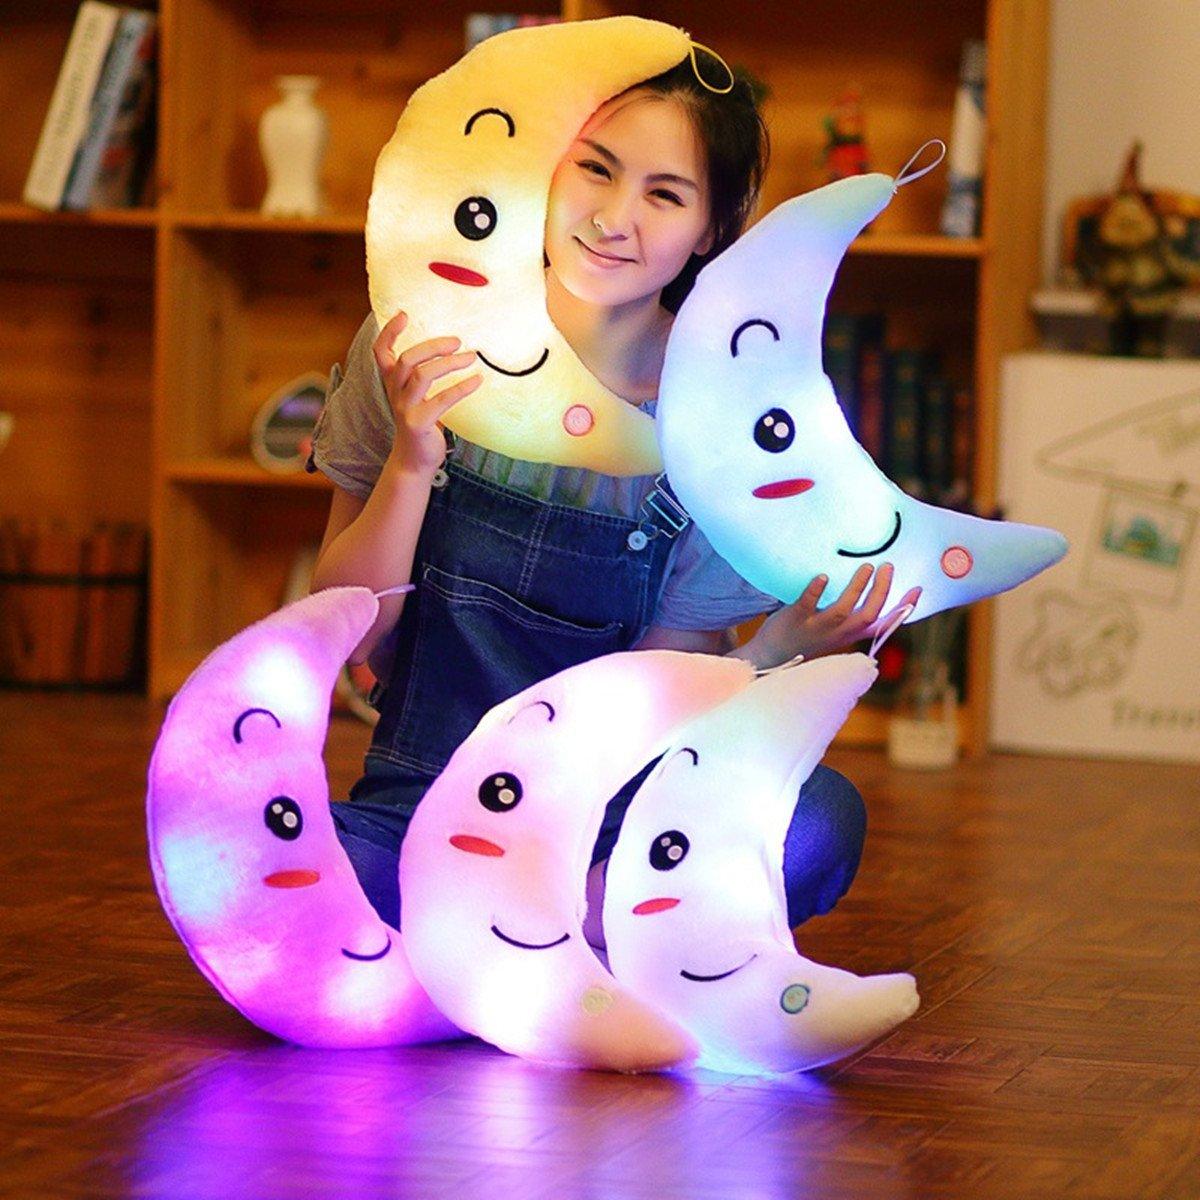 LED Luminoso Luna Almohadas de felpa Bebé Niños Juguetes de peluche Decoración navideña (Amarillo) MJTP